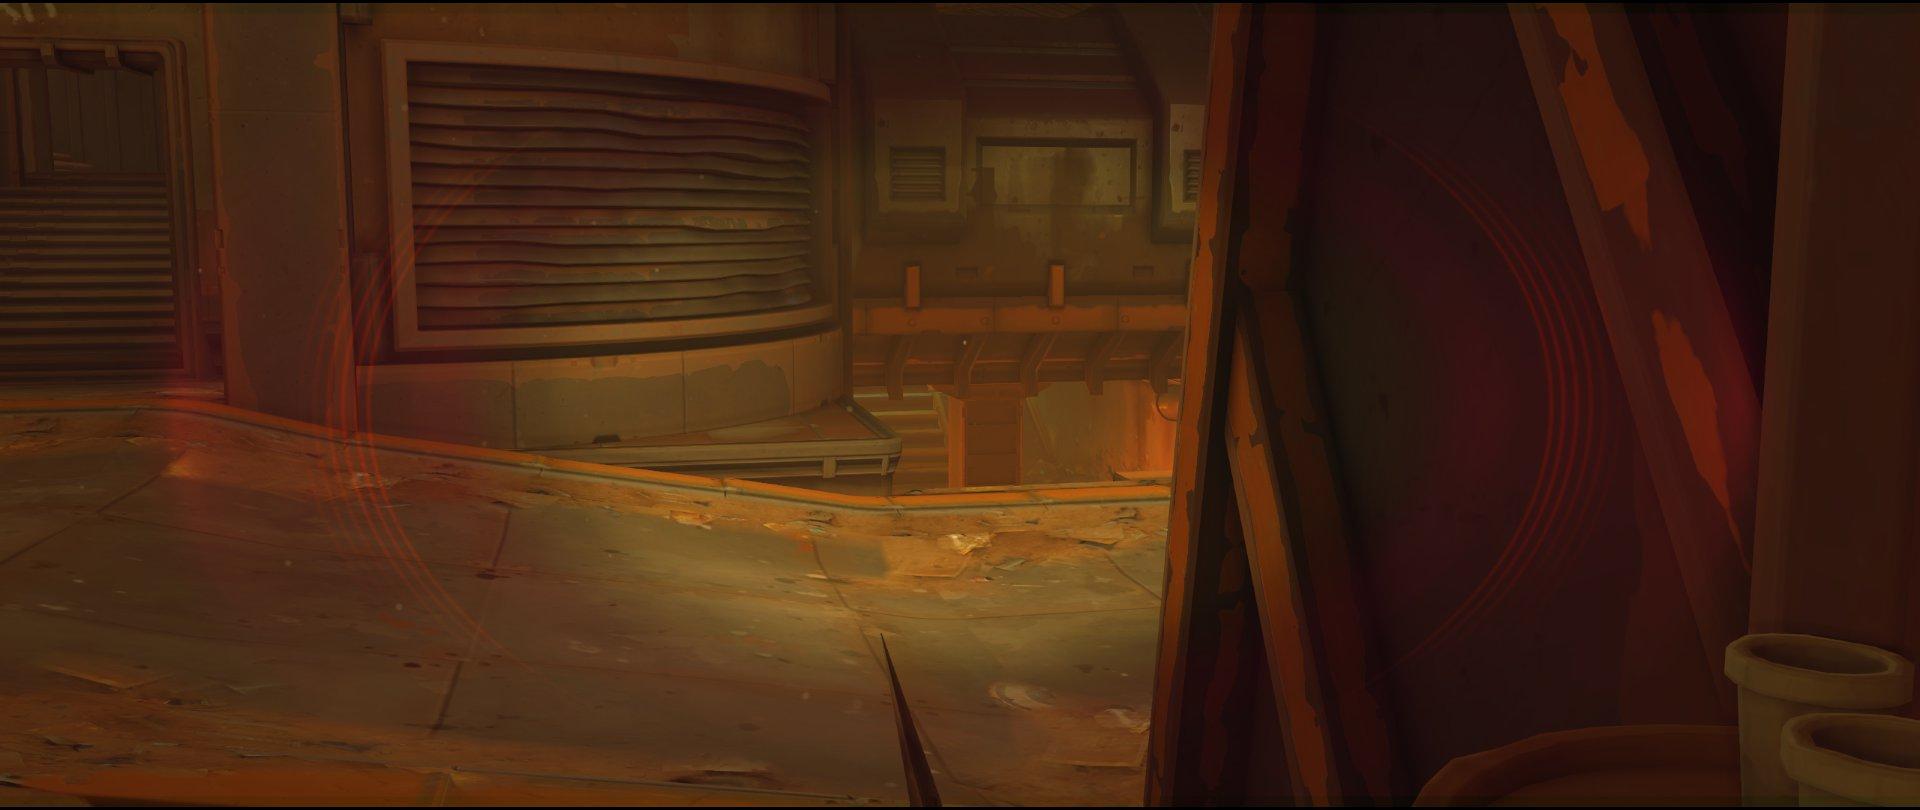 First door view P3 attack Widowmaker sniping spot Junkertown.jpg